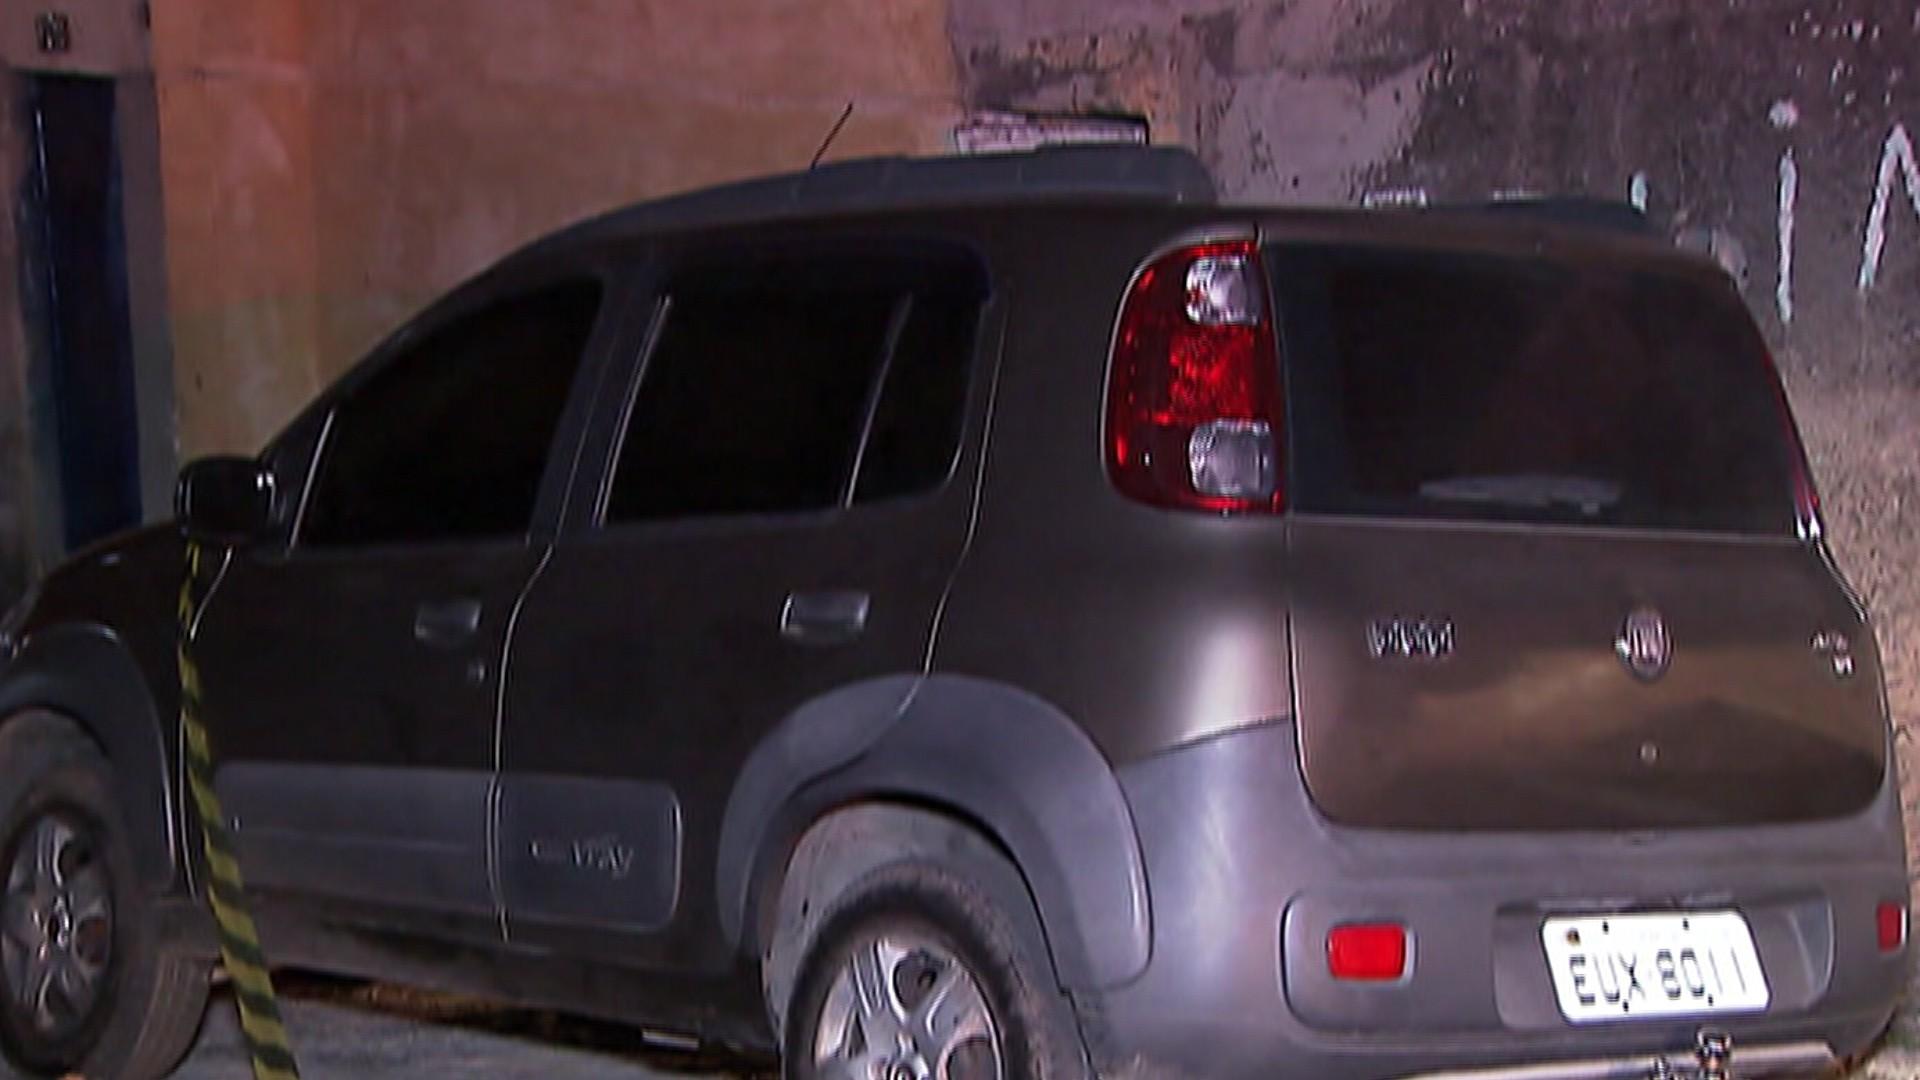 Justiça determina internação de menor suspeito de envolvimento na morte de motorista de aplicativo em Itaquaquecetuba - Notícias - Plantão Diário